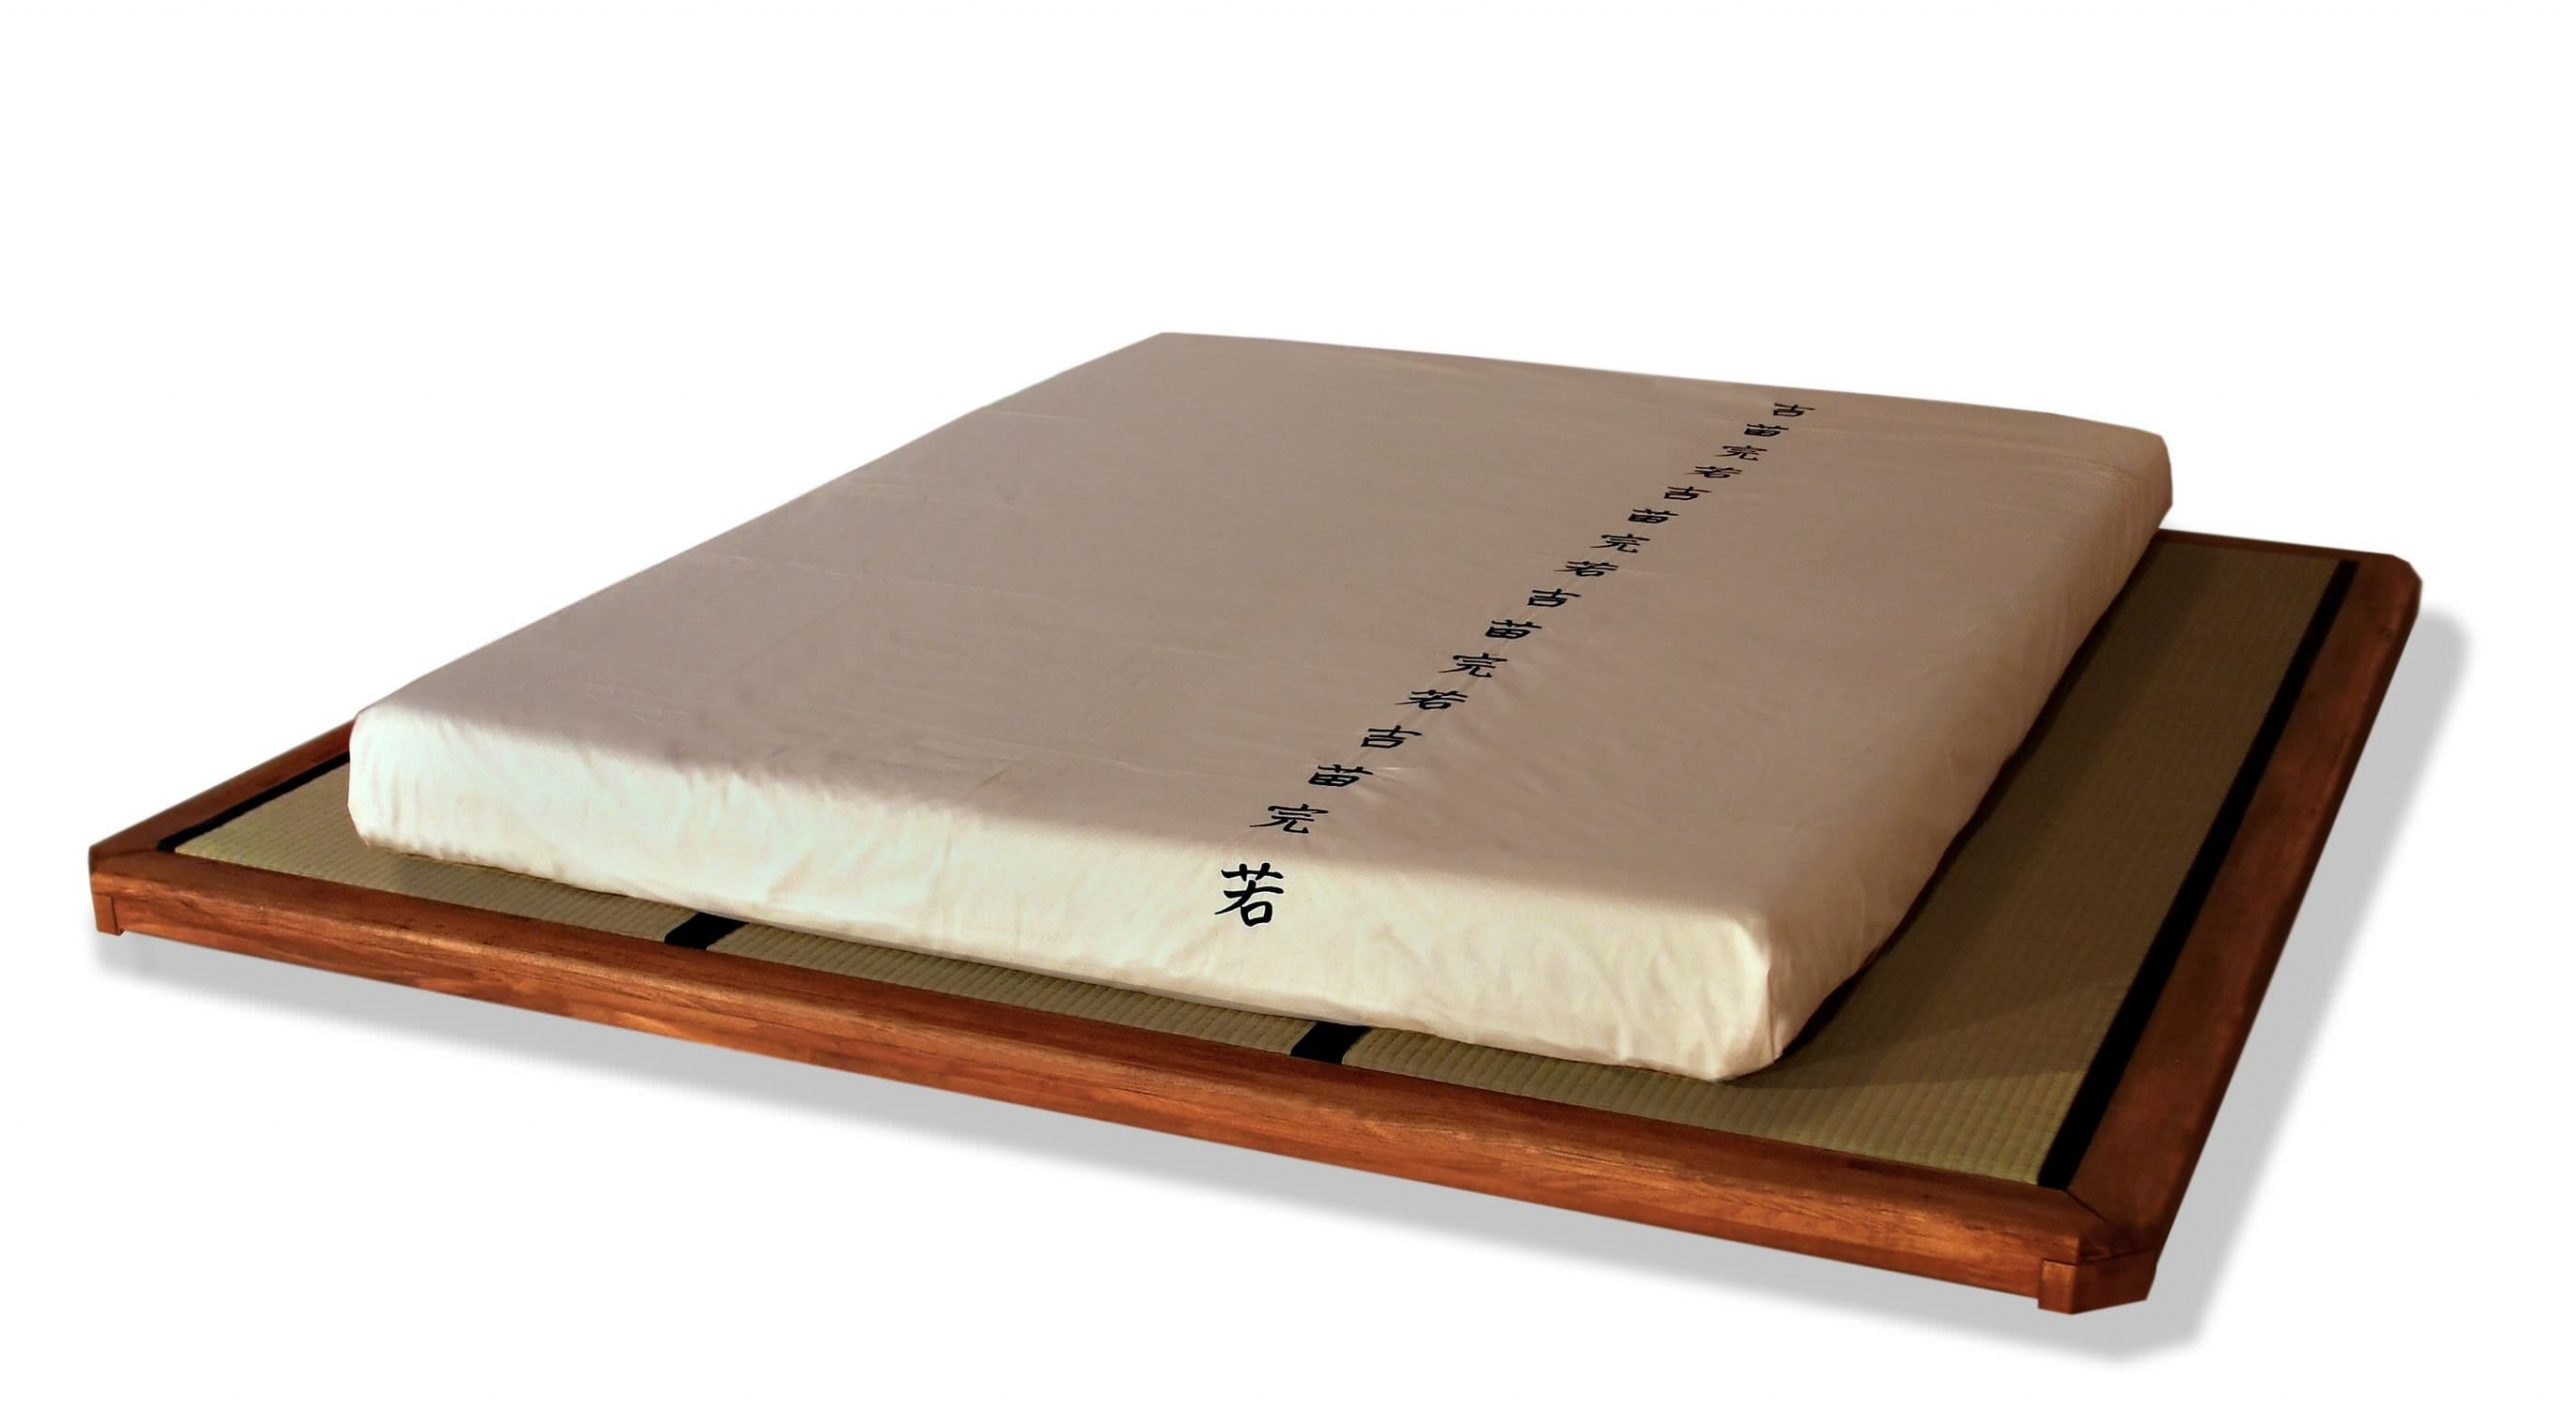 Full Size of Tatami Bett Doppelbett Modern Holz Dojo Cinius 180x200 Betten Für Teenager Wasser Keilkissen Podest Team 7 Moebel De Box Spring Mit Unterbett Günstige Bett Tatami Bett